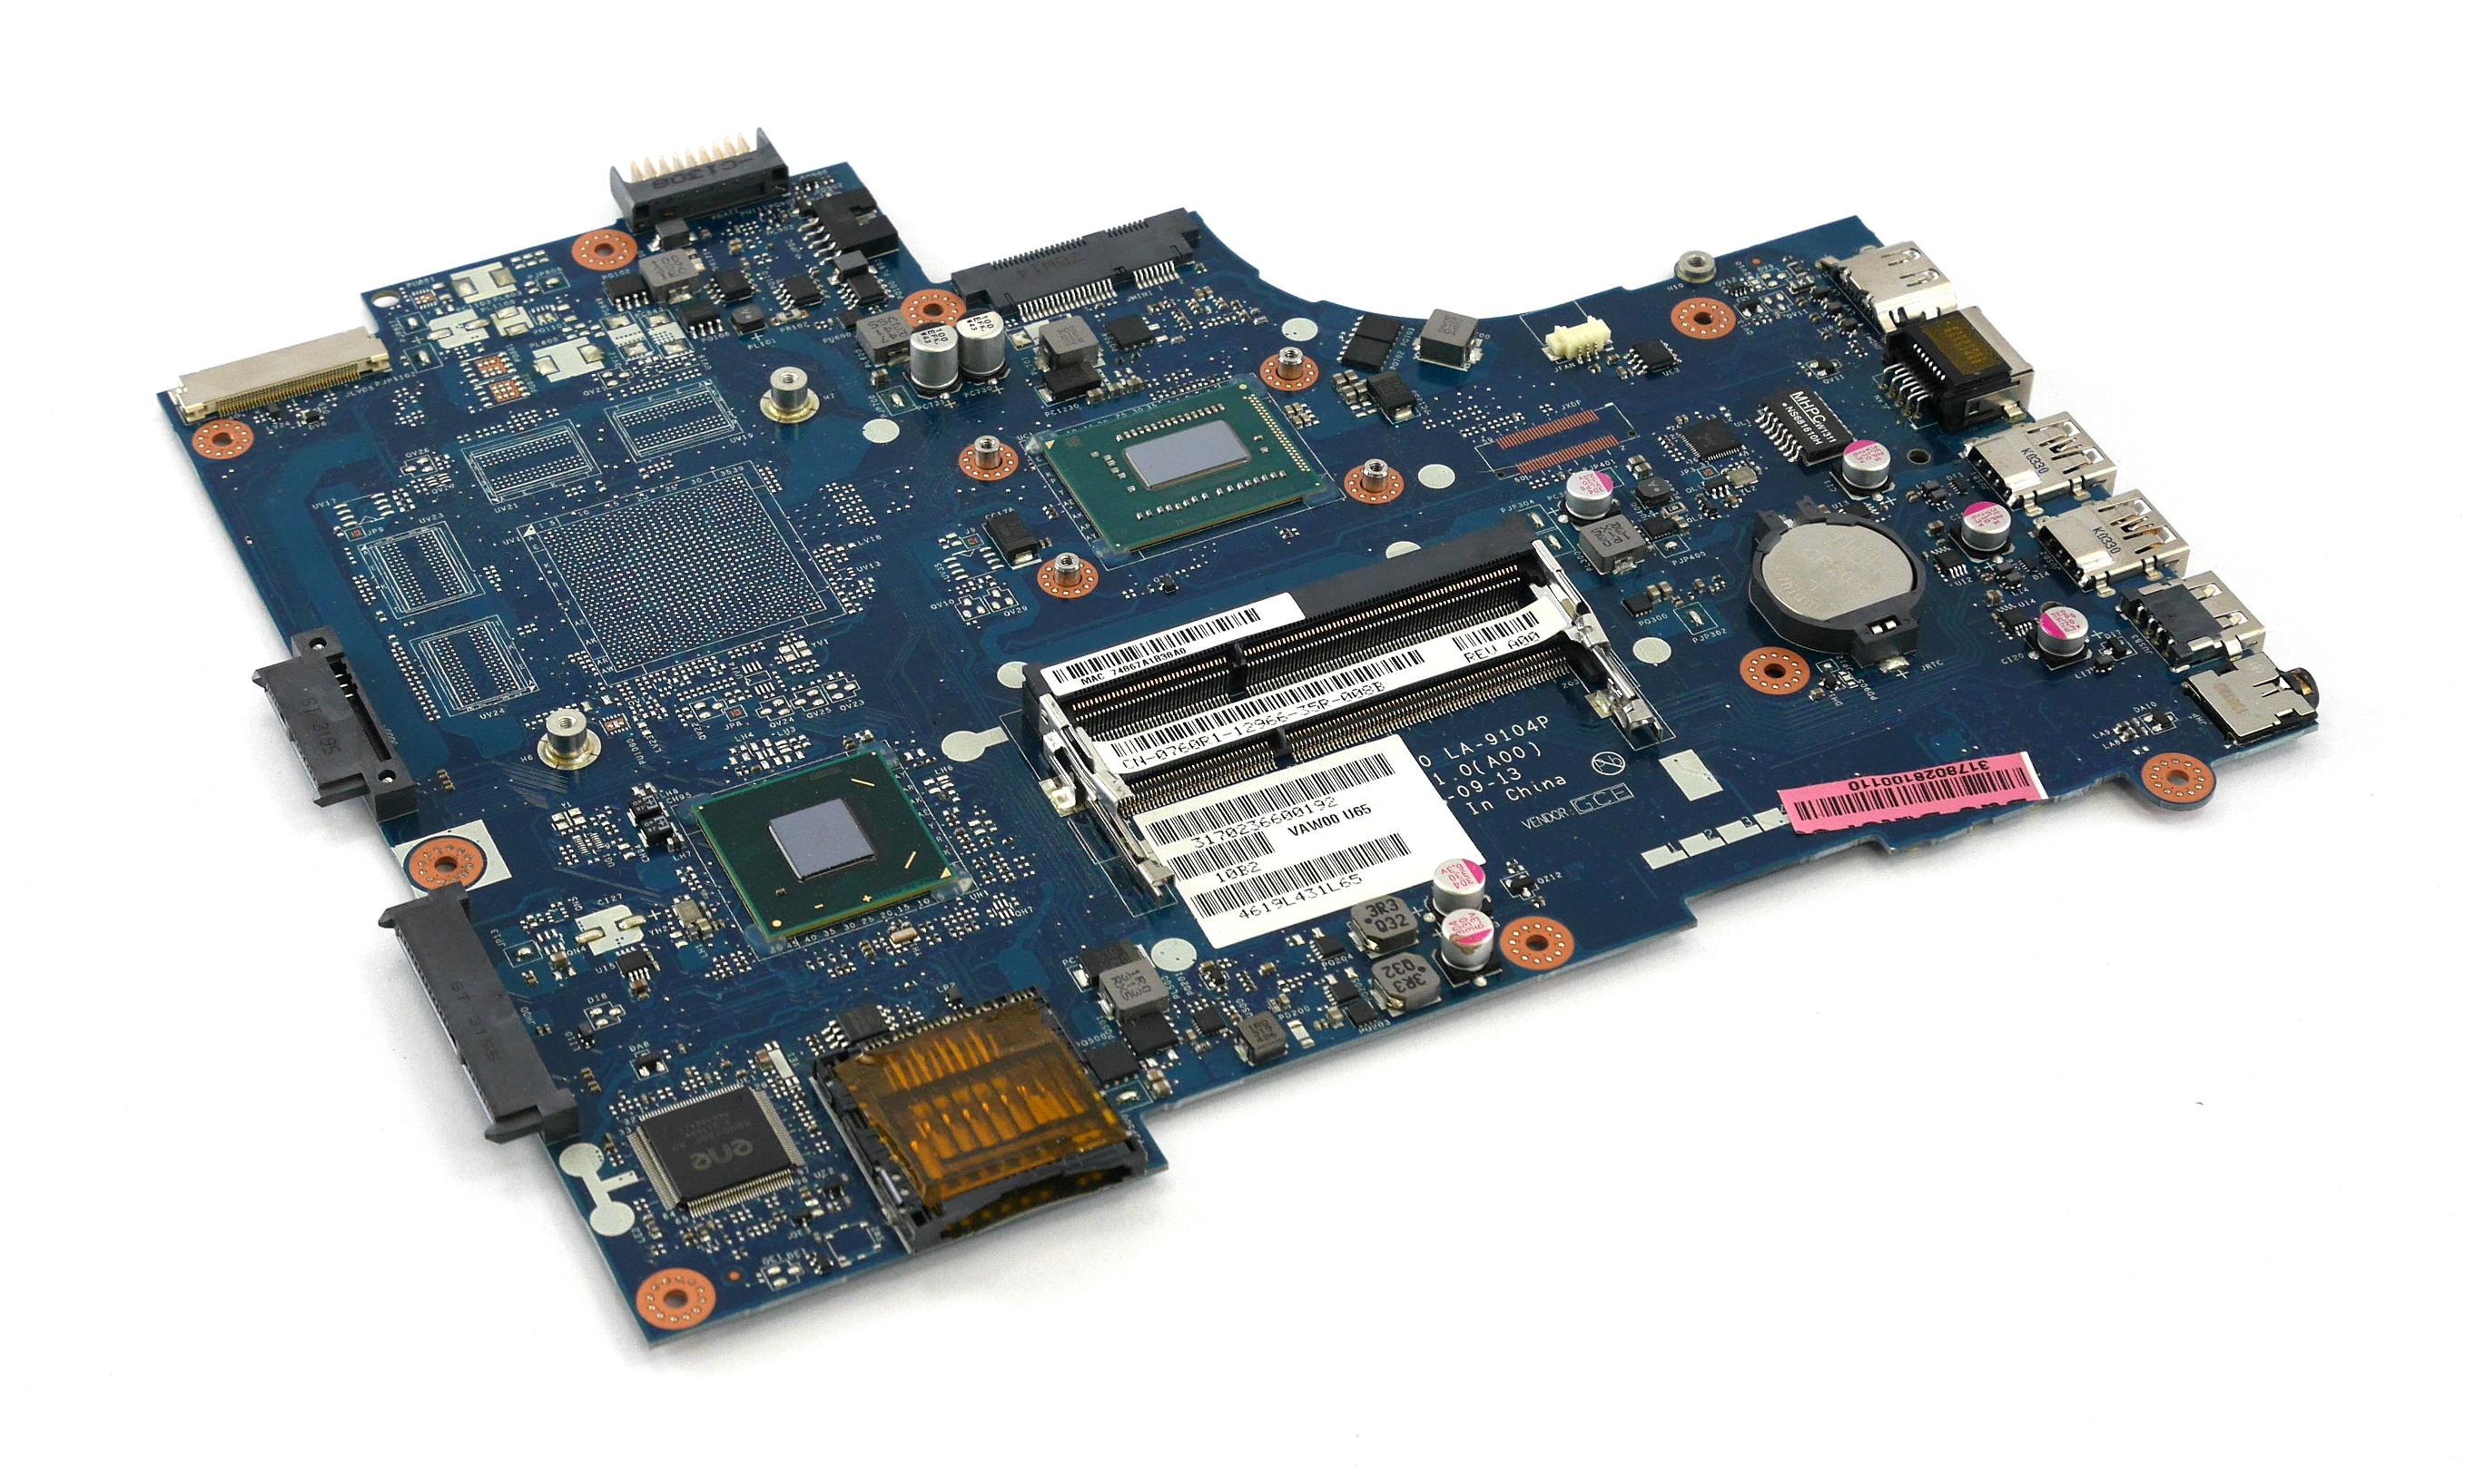 Dell 760R1 Inspiron 15R 5521 Motherboard with BGA Intel Core i5-3337U Processor